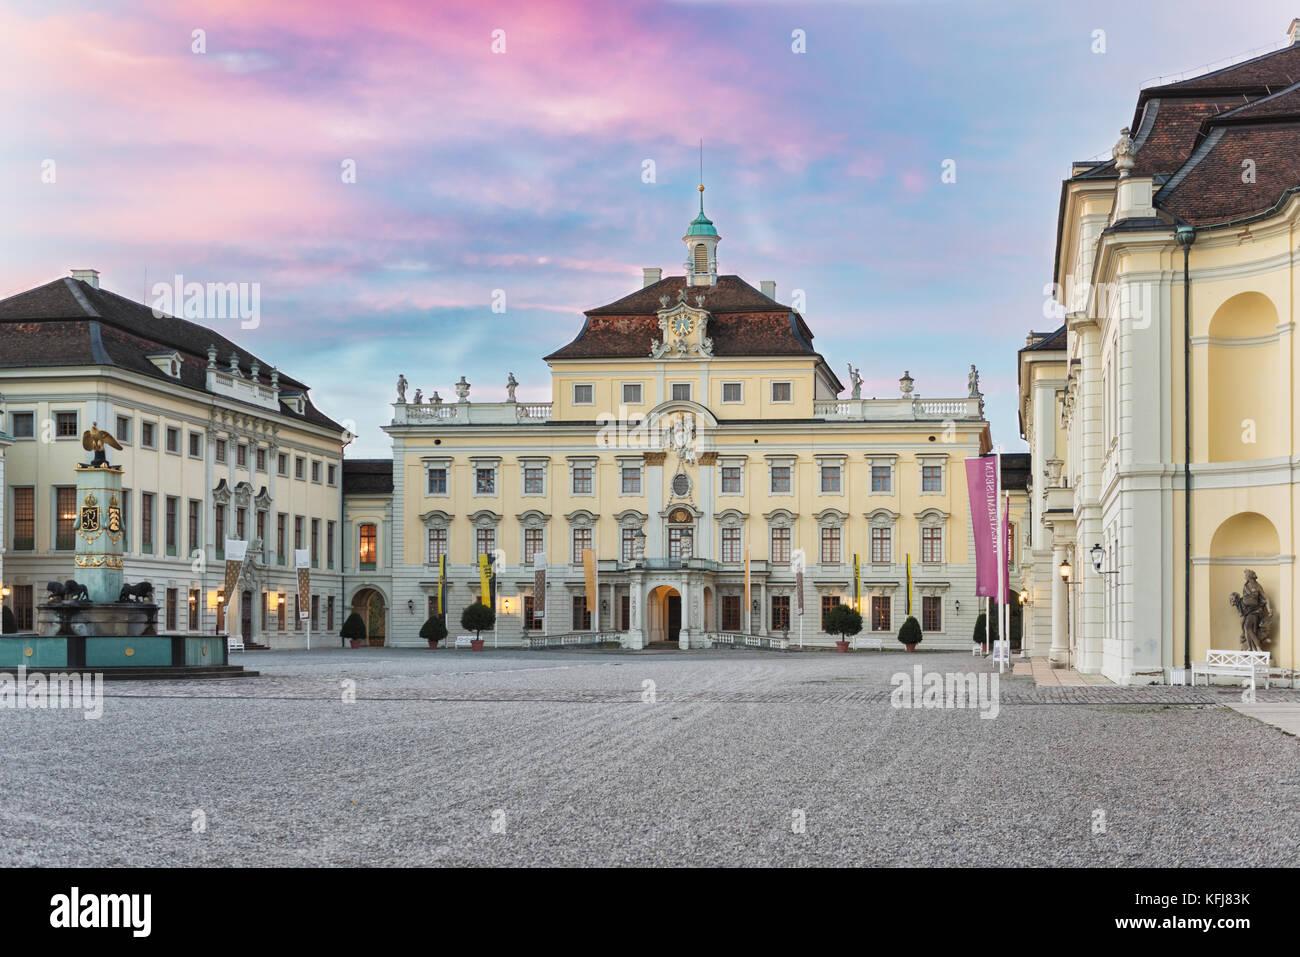 LUDWIGSBURG, Deutschland - 25. OKTOBER 2017: Bei Sonnenuntergang den inneren Hof des Schlosses glooms in das restliche Stockbild